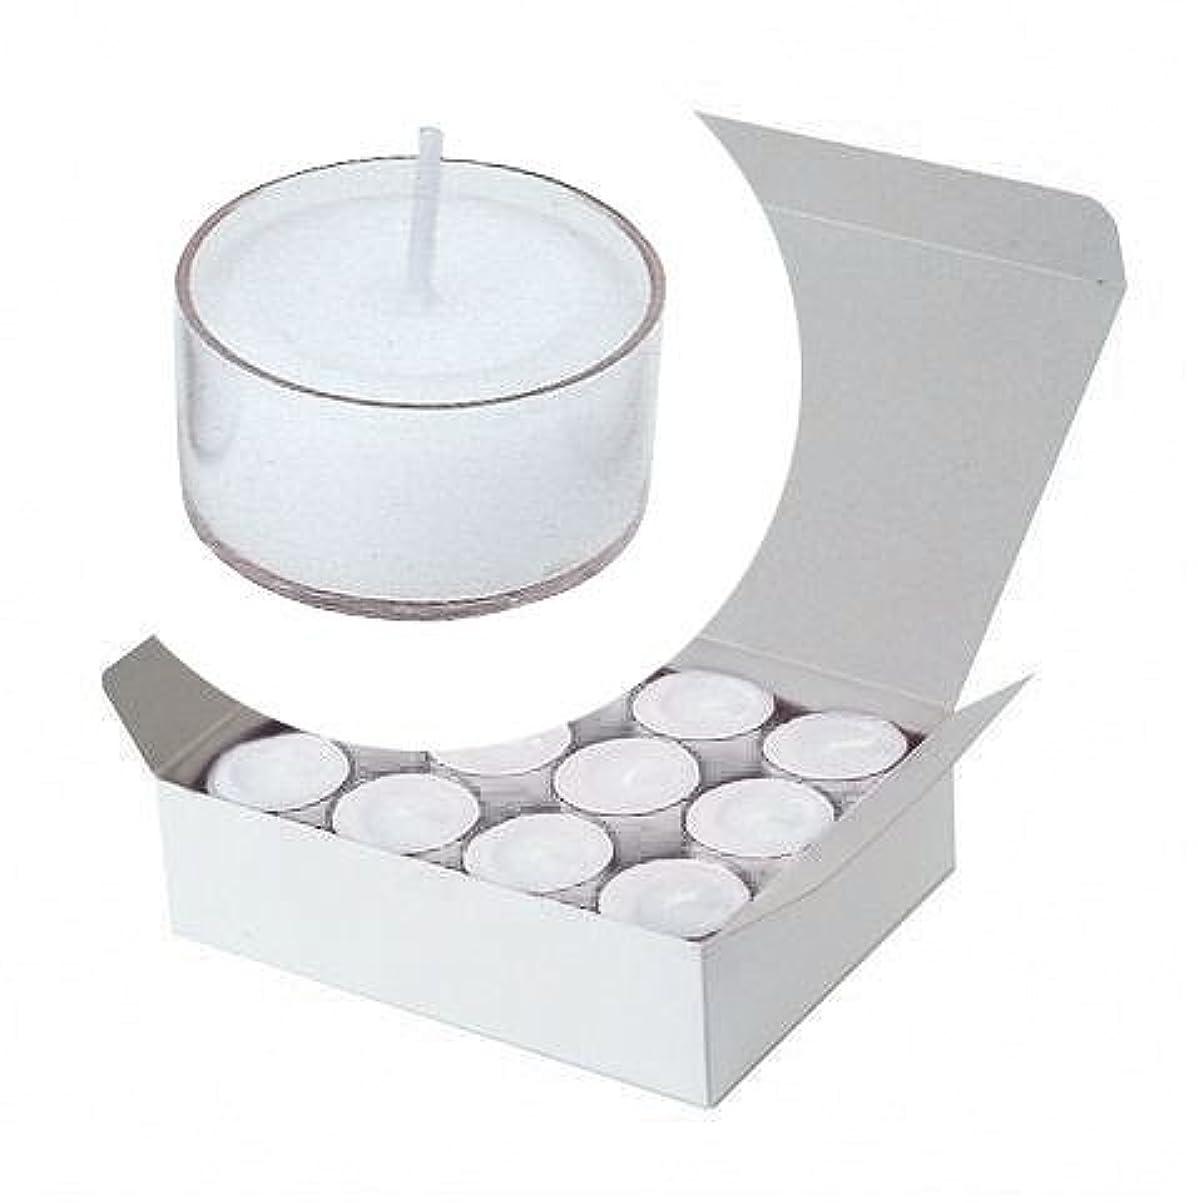 発行ほうき顎カメヤマキャンドル(kameyama candle) クリアカップティーライト24個入り 「 クリア 」